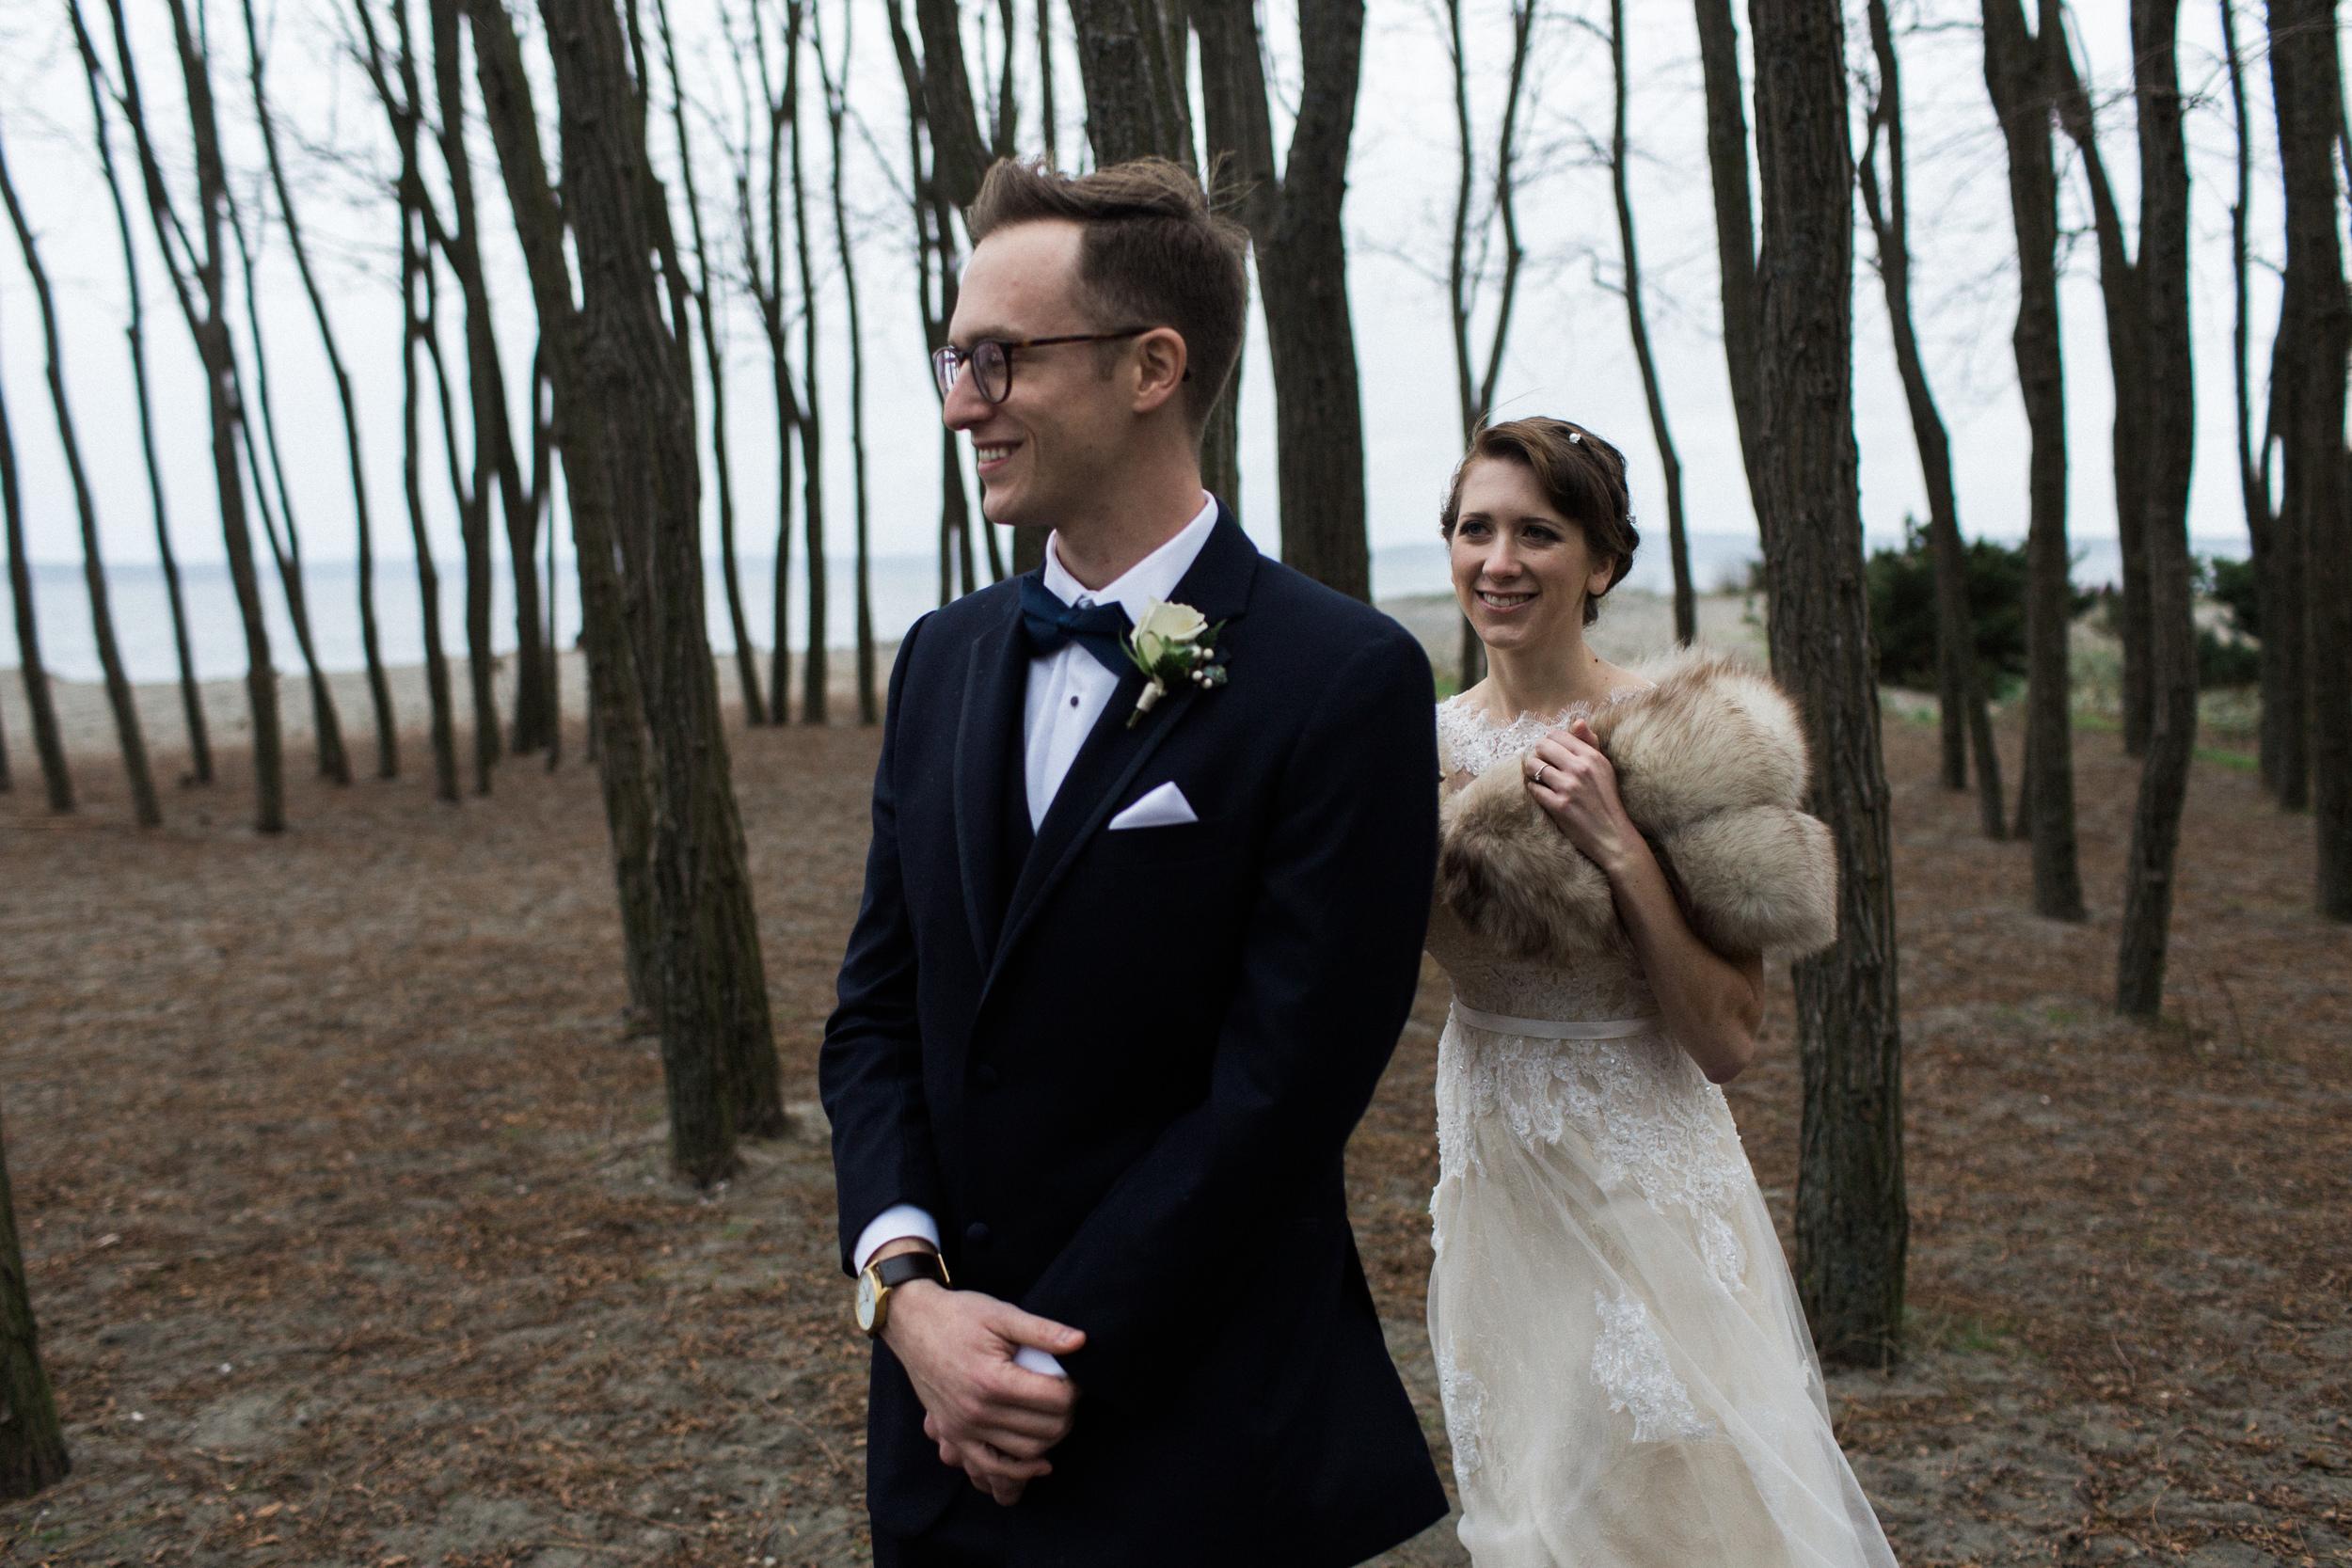 Ben_and_Casey_Krein_Wedding-21.jpg